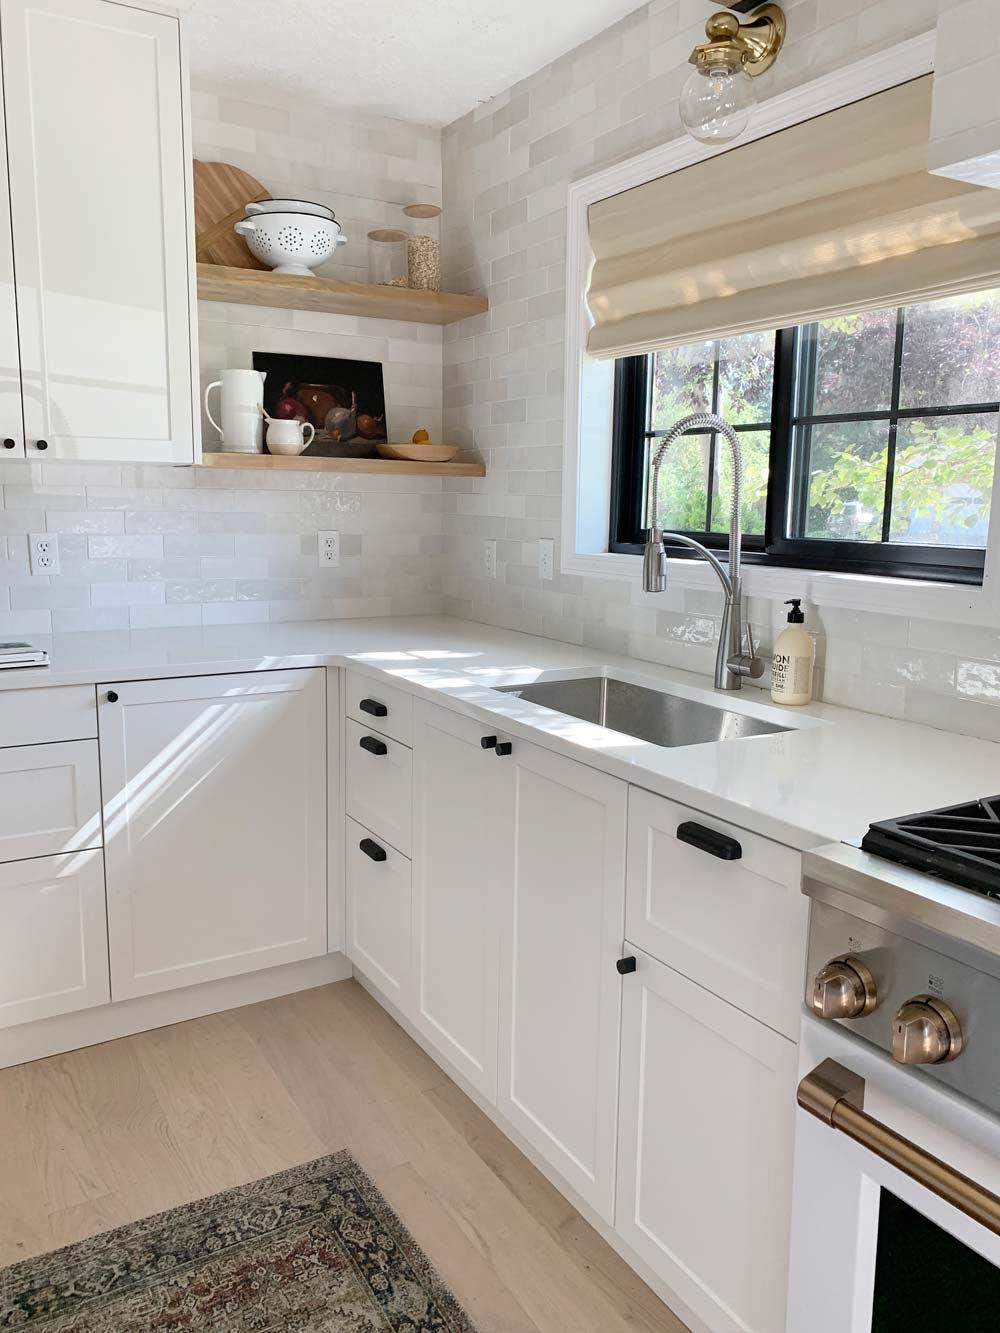 window behind kitchen sink with light beige woven shade